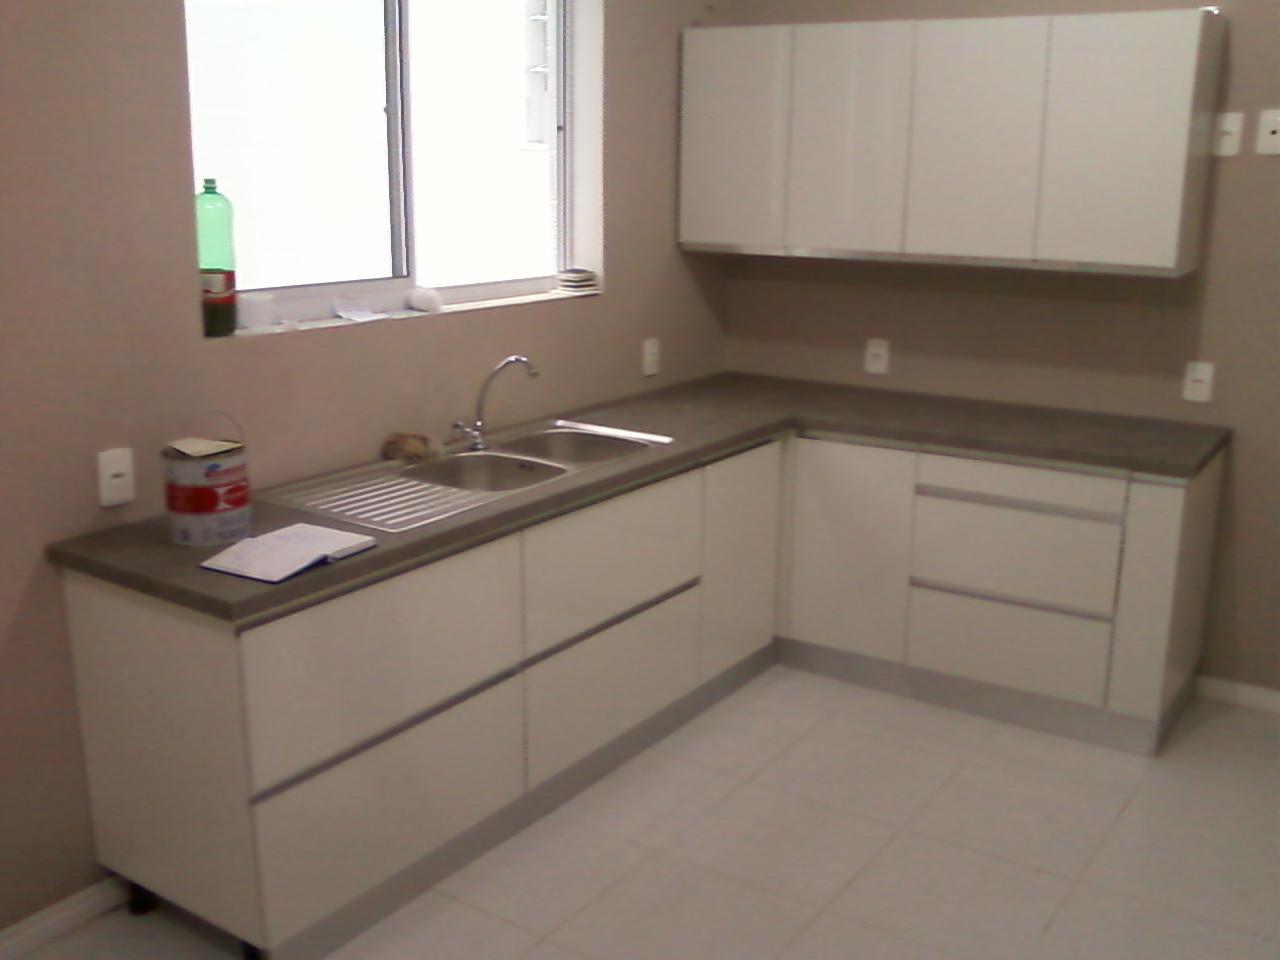 #4E7D5A WSPD Marcenaria: Estilo americano de cozinha montagem 1280x960 px Balcão Para Cozinha Estilo Americano_2191 Imagens